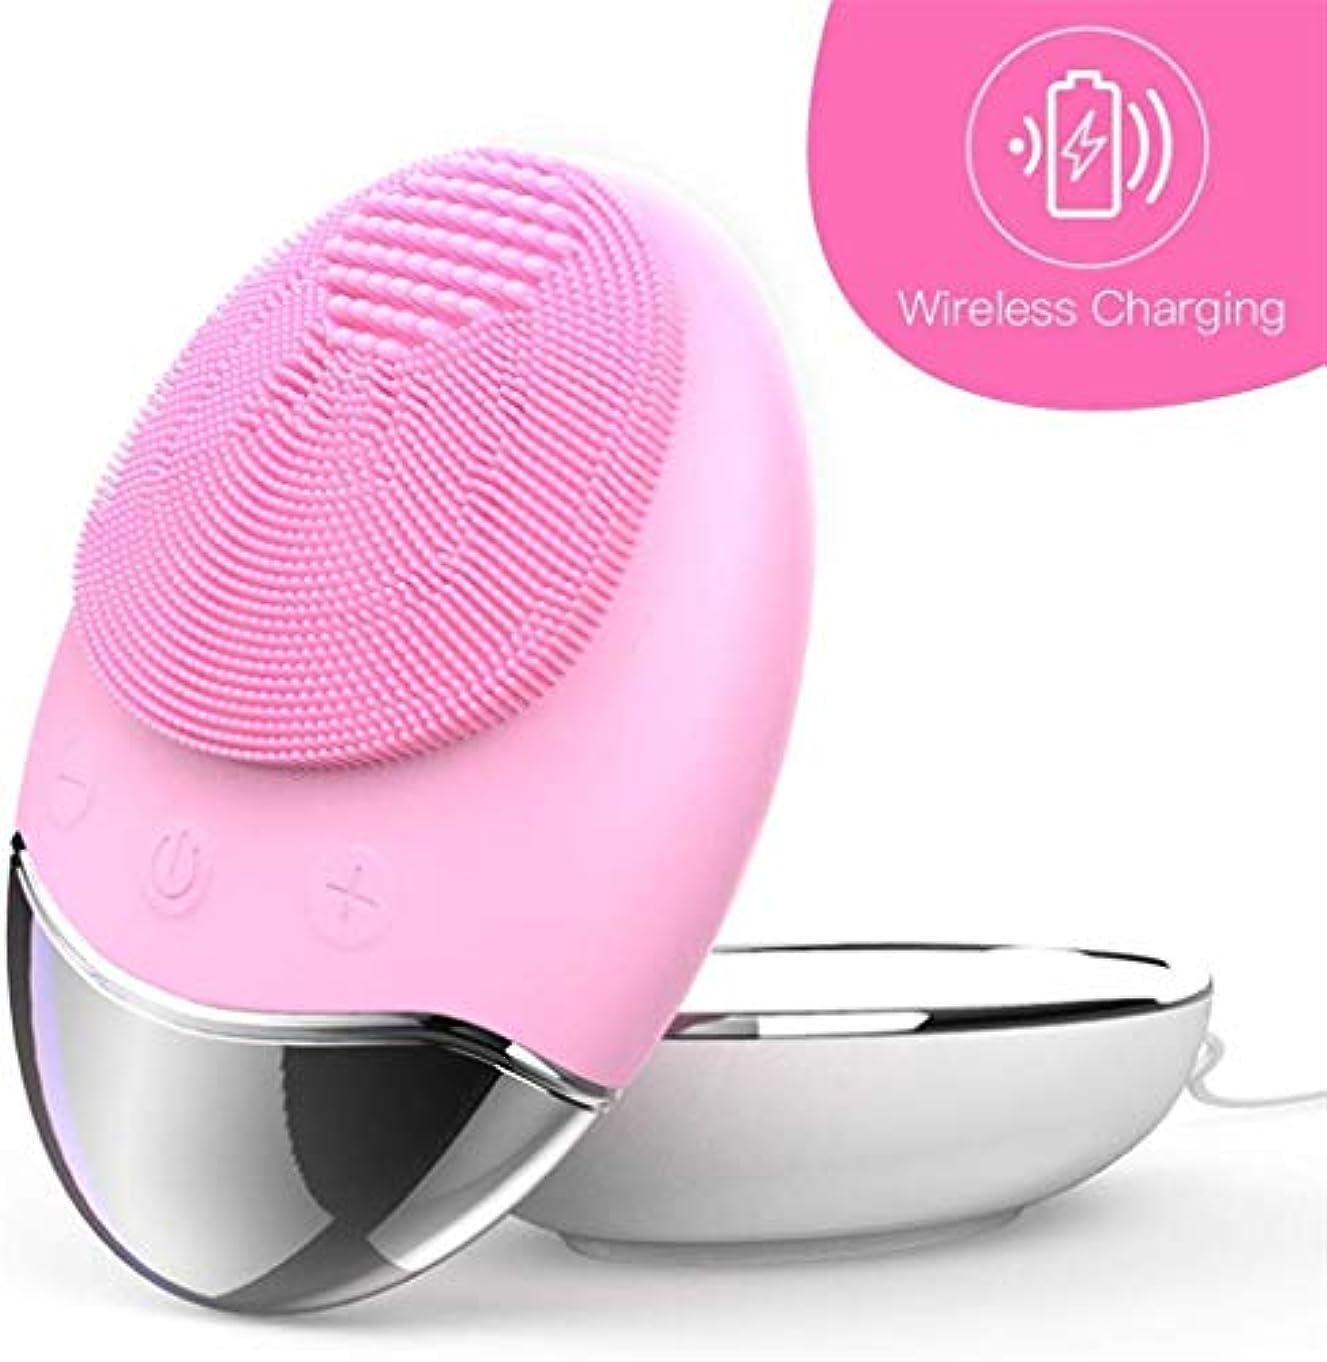 マークダウン太陽同情オールスキンタイプの充電式用シリコーン洗顔ブラシ、ブラシシリコーンエクスフォリエイティングフェイススクラブブラシマッサージャー3-IN-1エレクトリックフェイス、